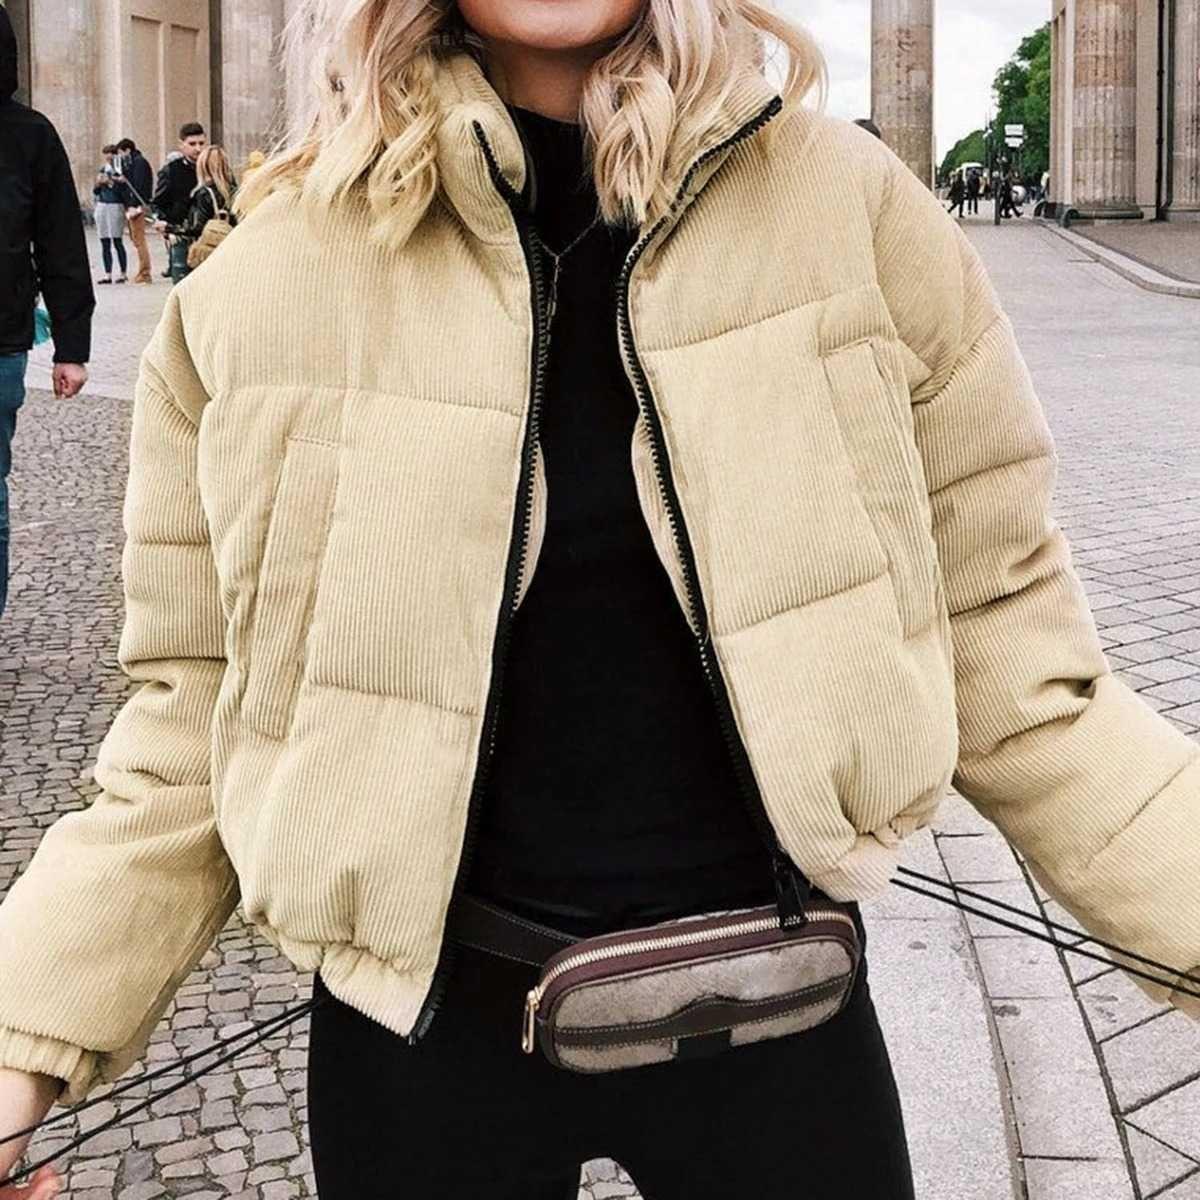 Short Corduroy Puffer Jacket Packable Down Bomber Coat Parka Jacket Women Corduroy Puffer Jacket Women Overcoat [ 1200 x 1200 Pixel ]